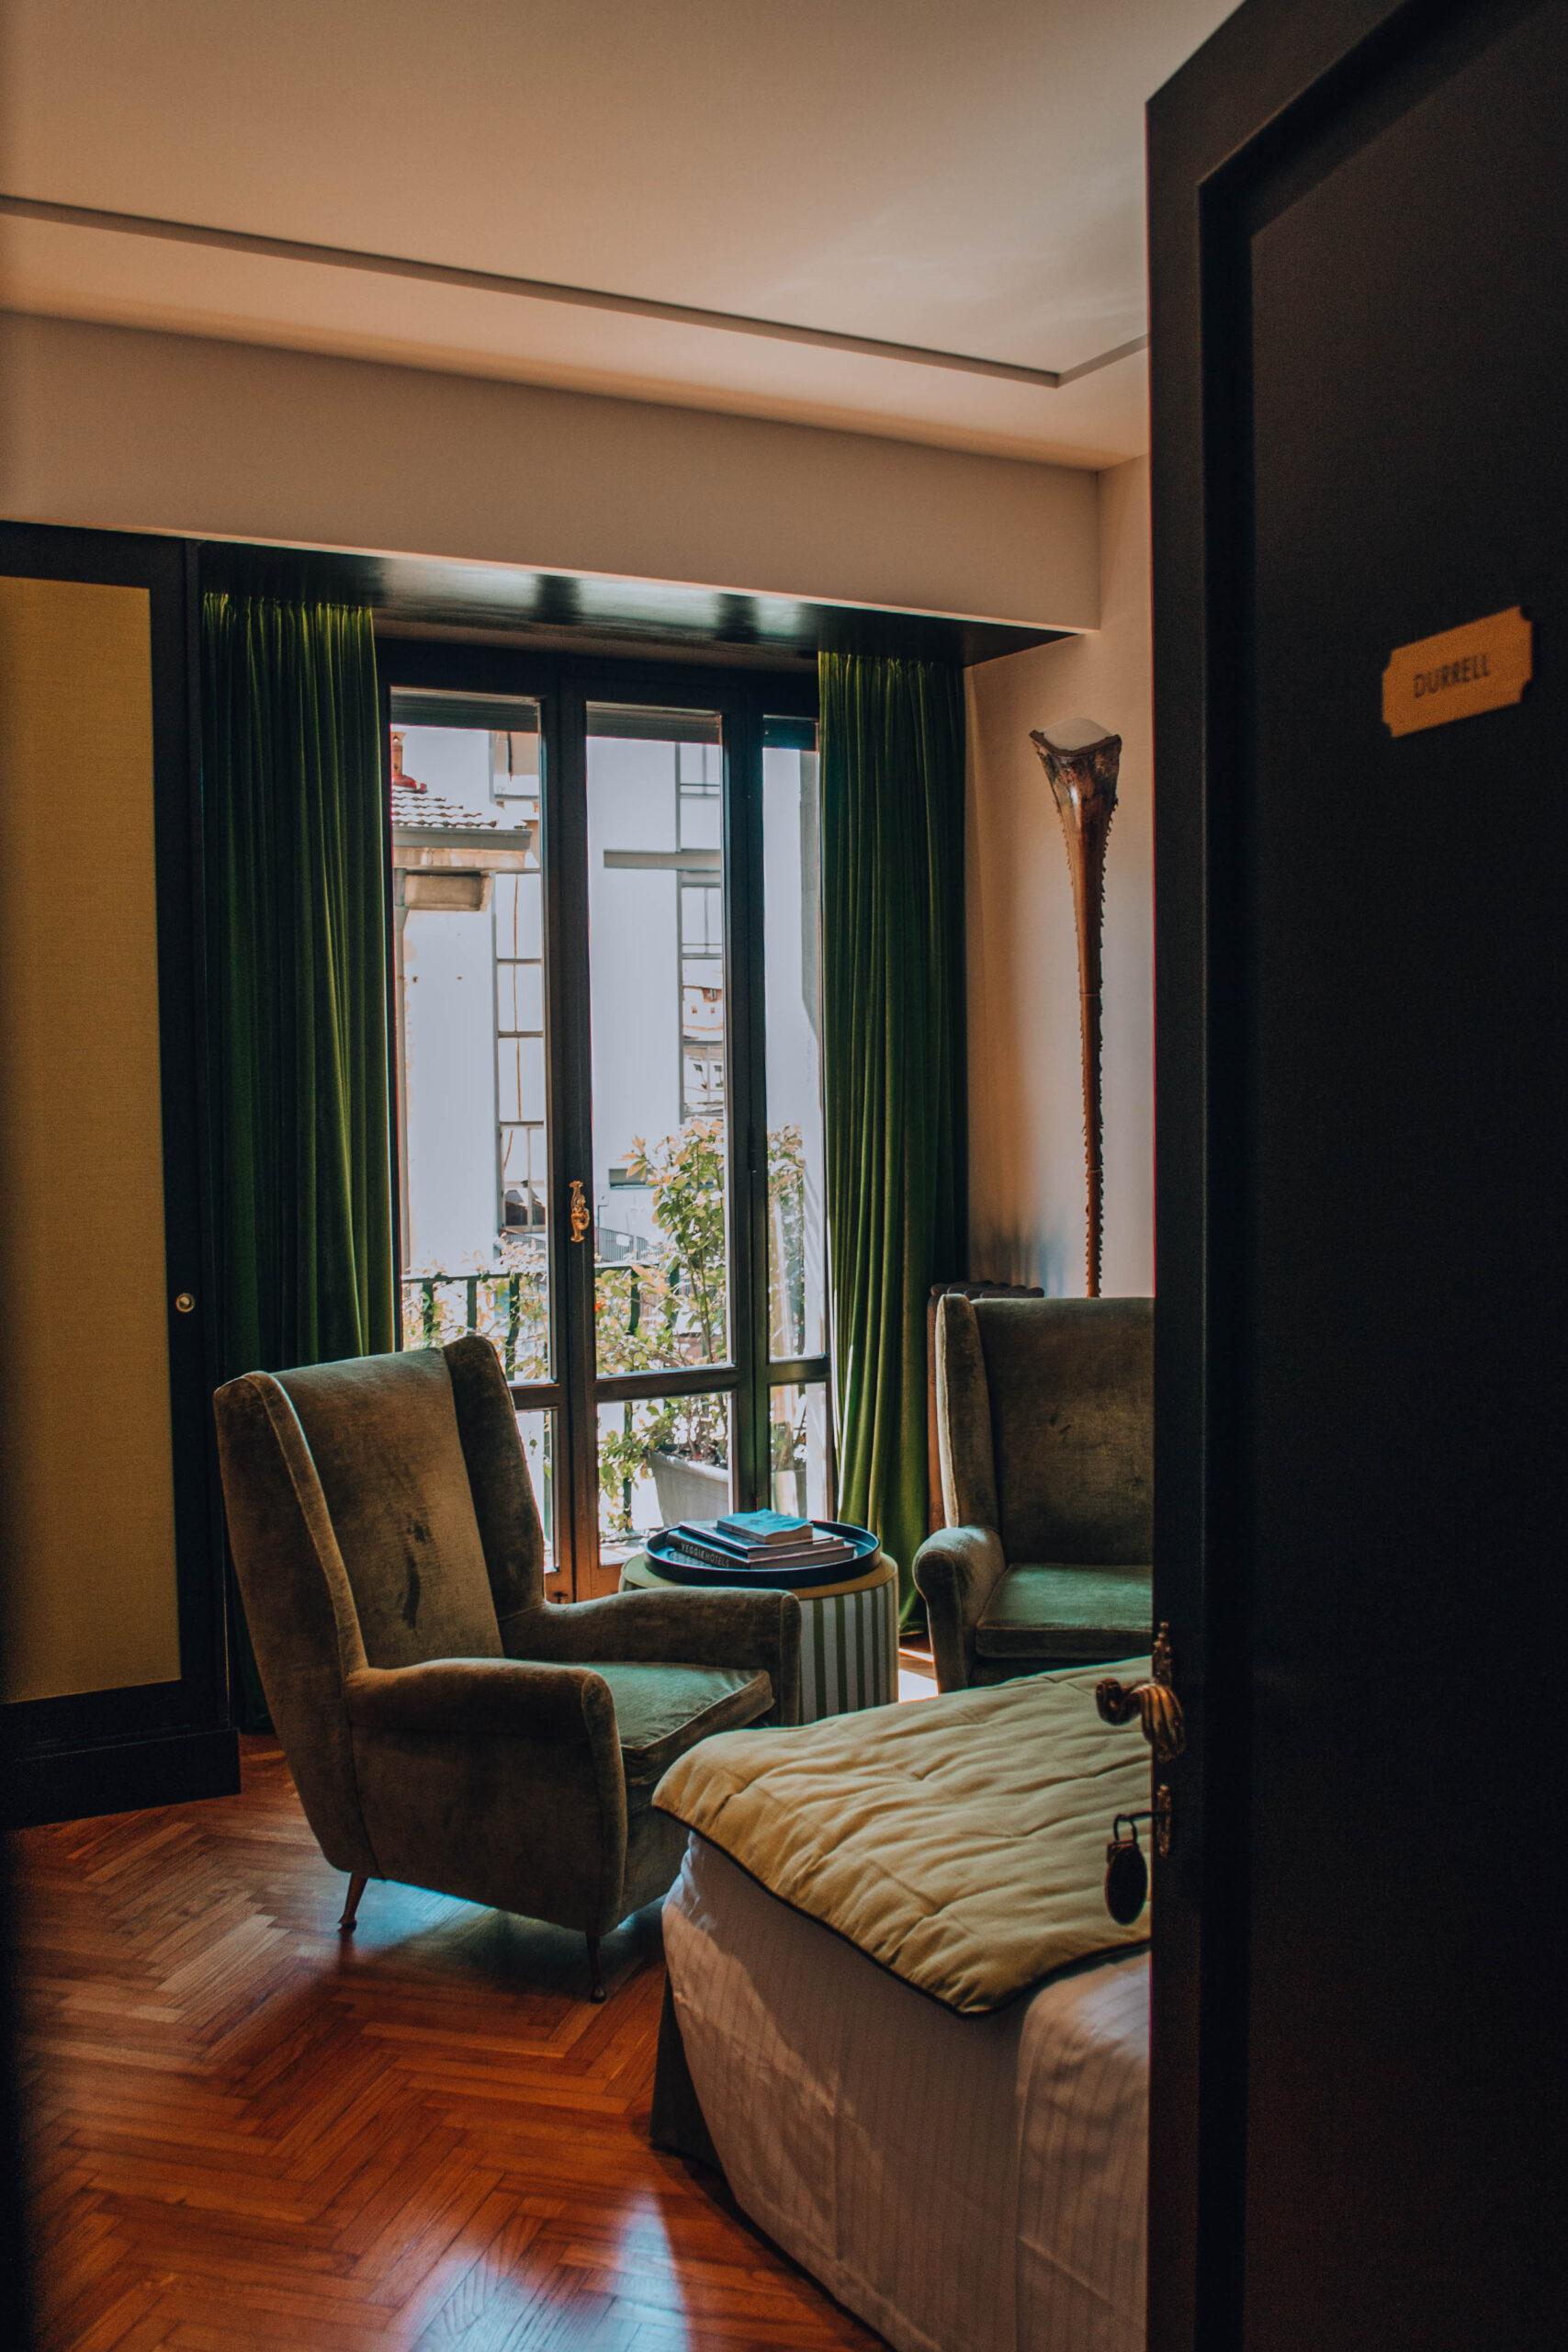 porta semi aperta di una stanza con poltrone verdi